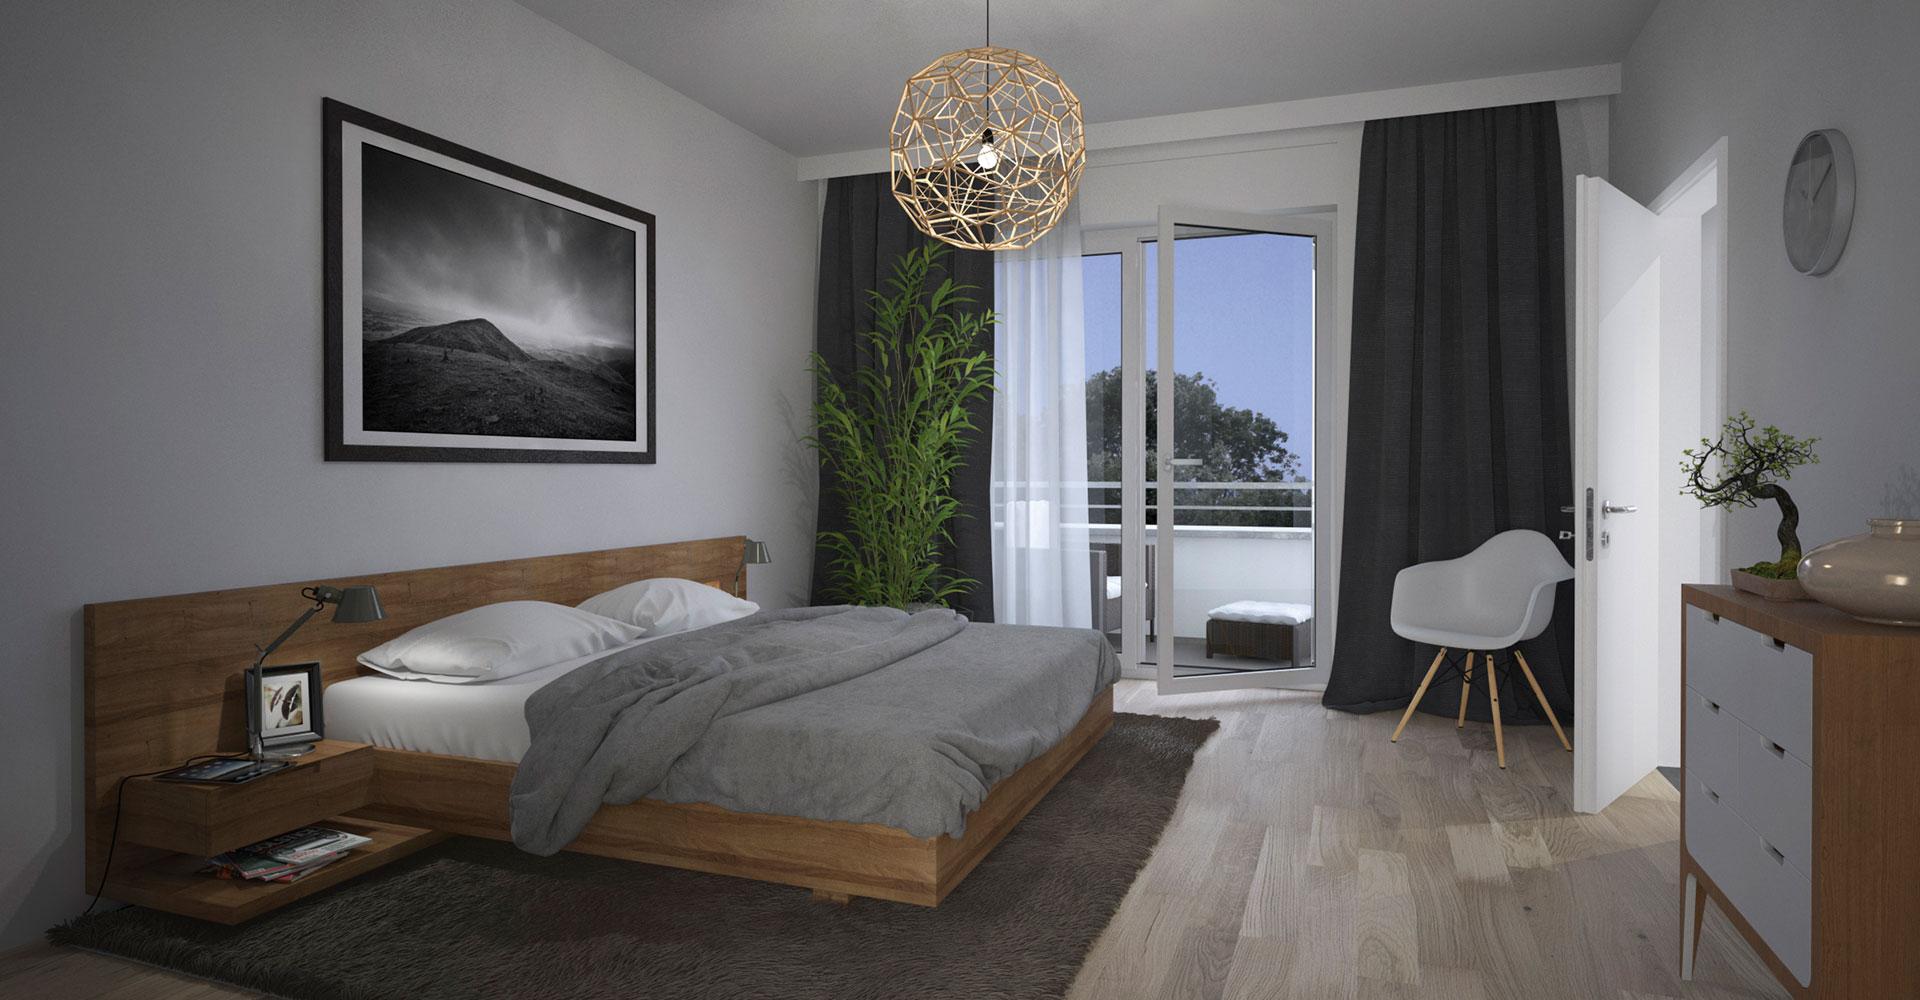 OPUS Marketing / Projekte / CO STBAR / Basics / Visualisierungen / Innen / Schlafen